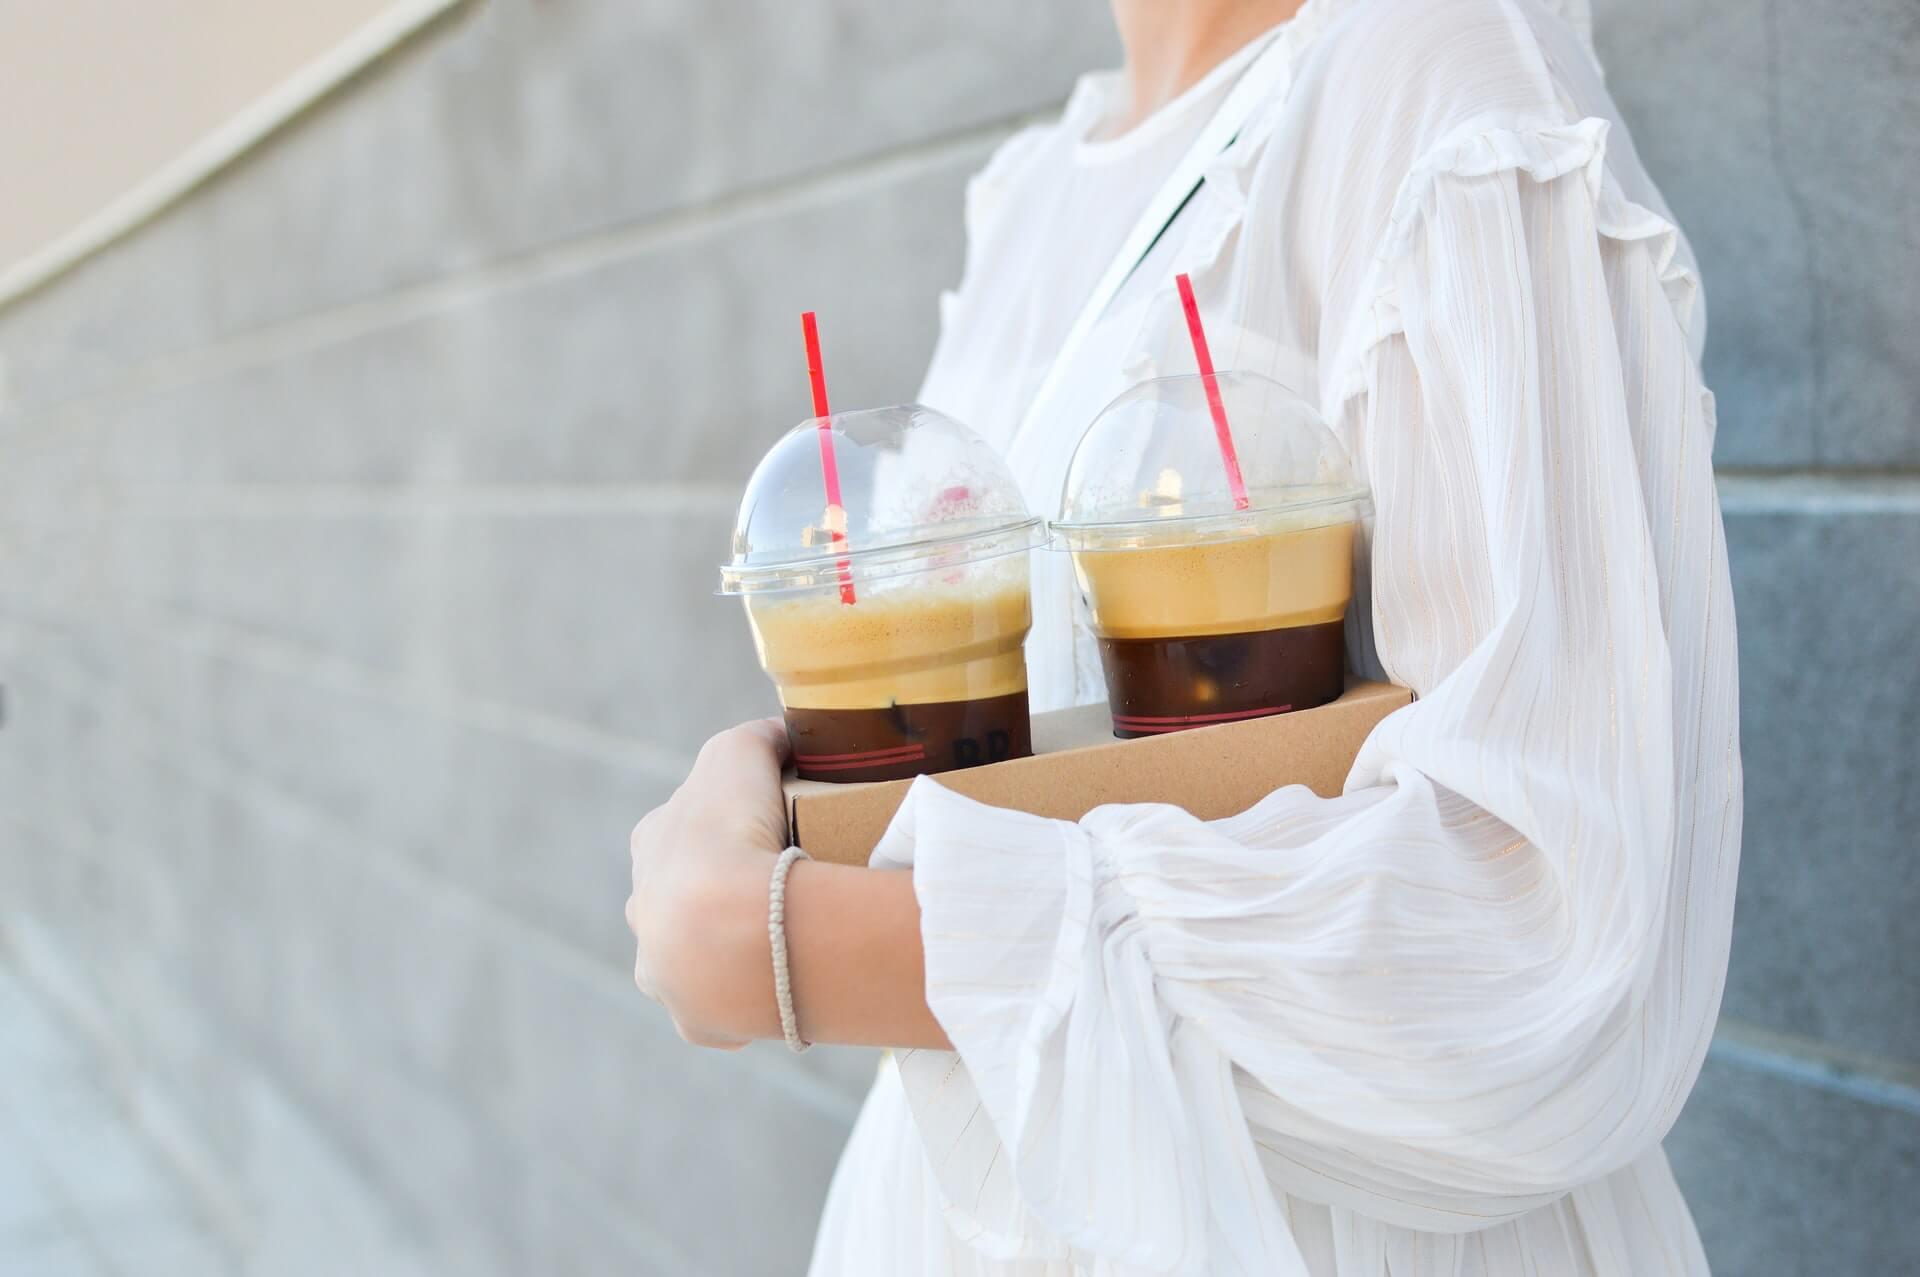 Chagaccino, alternativa al caffè